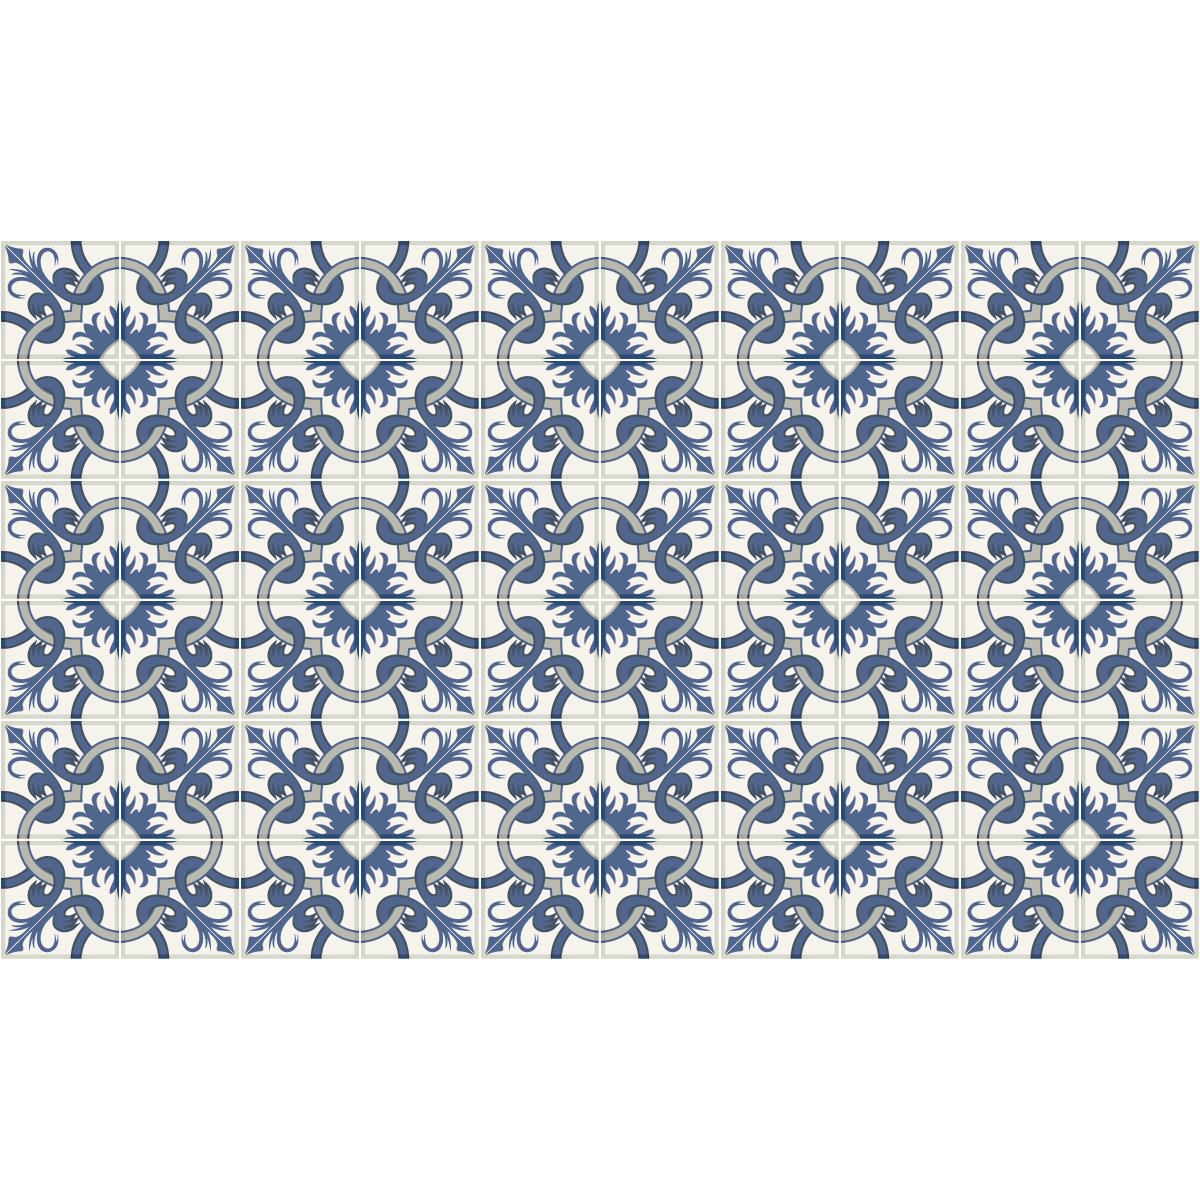 60 stickers carrelages azulejos tonio salle de bain et wc salle de bain ambiance sticker. Black Bedroom Furniture Sets. Home Design Ideas